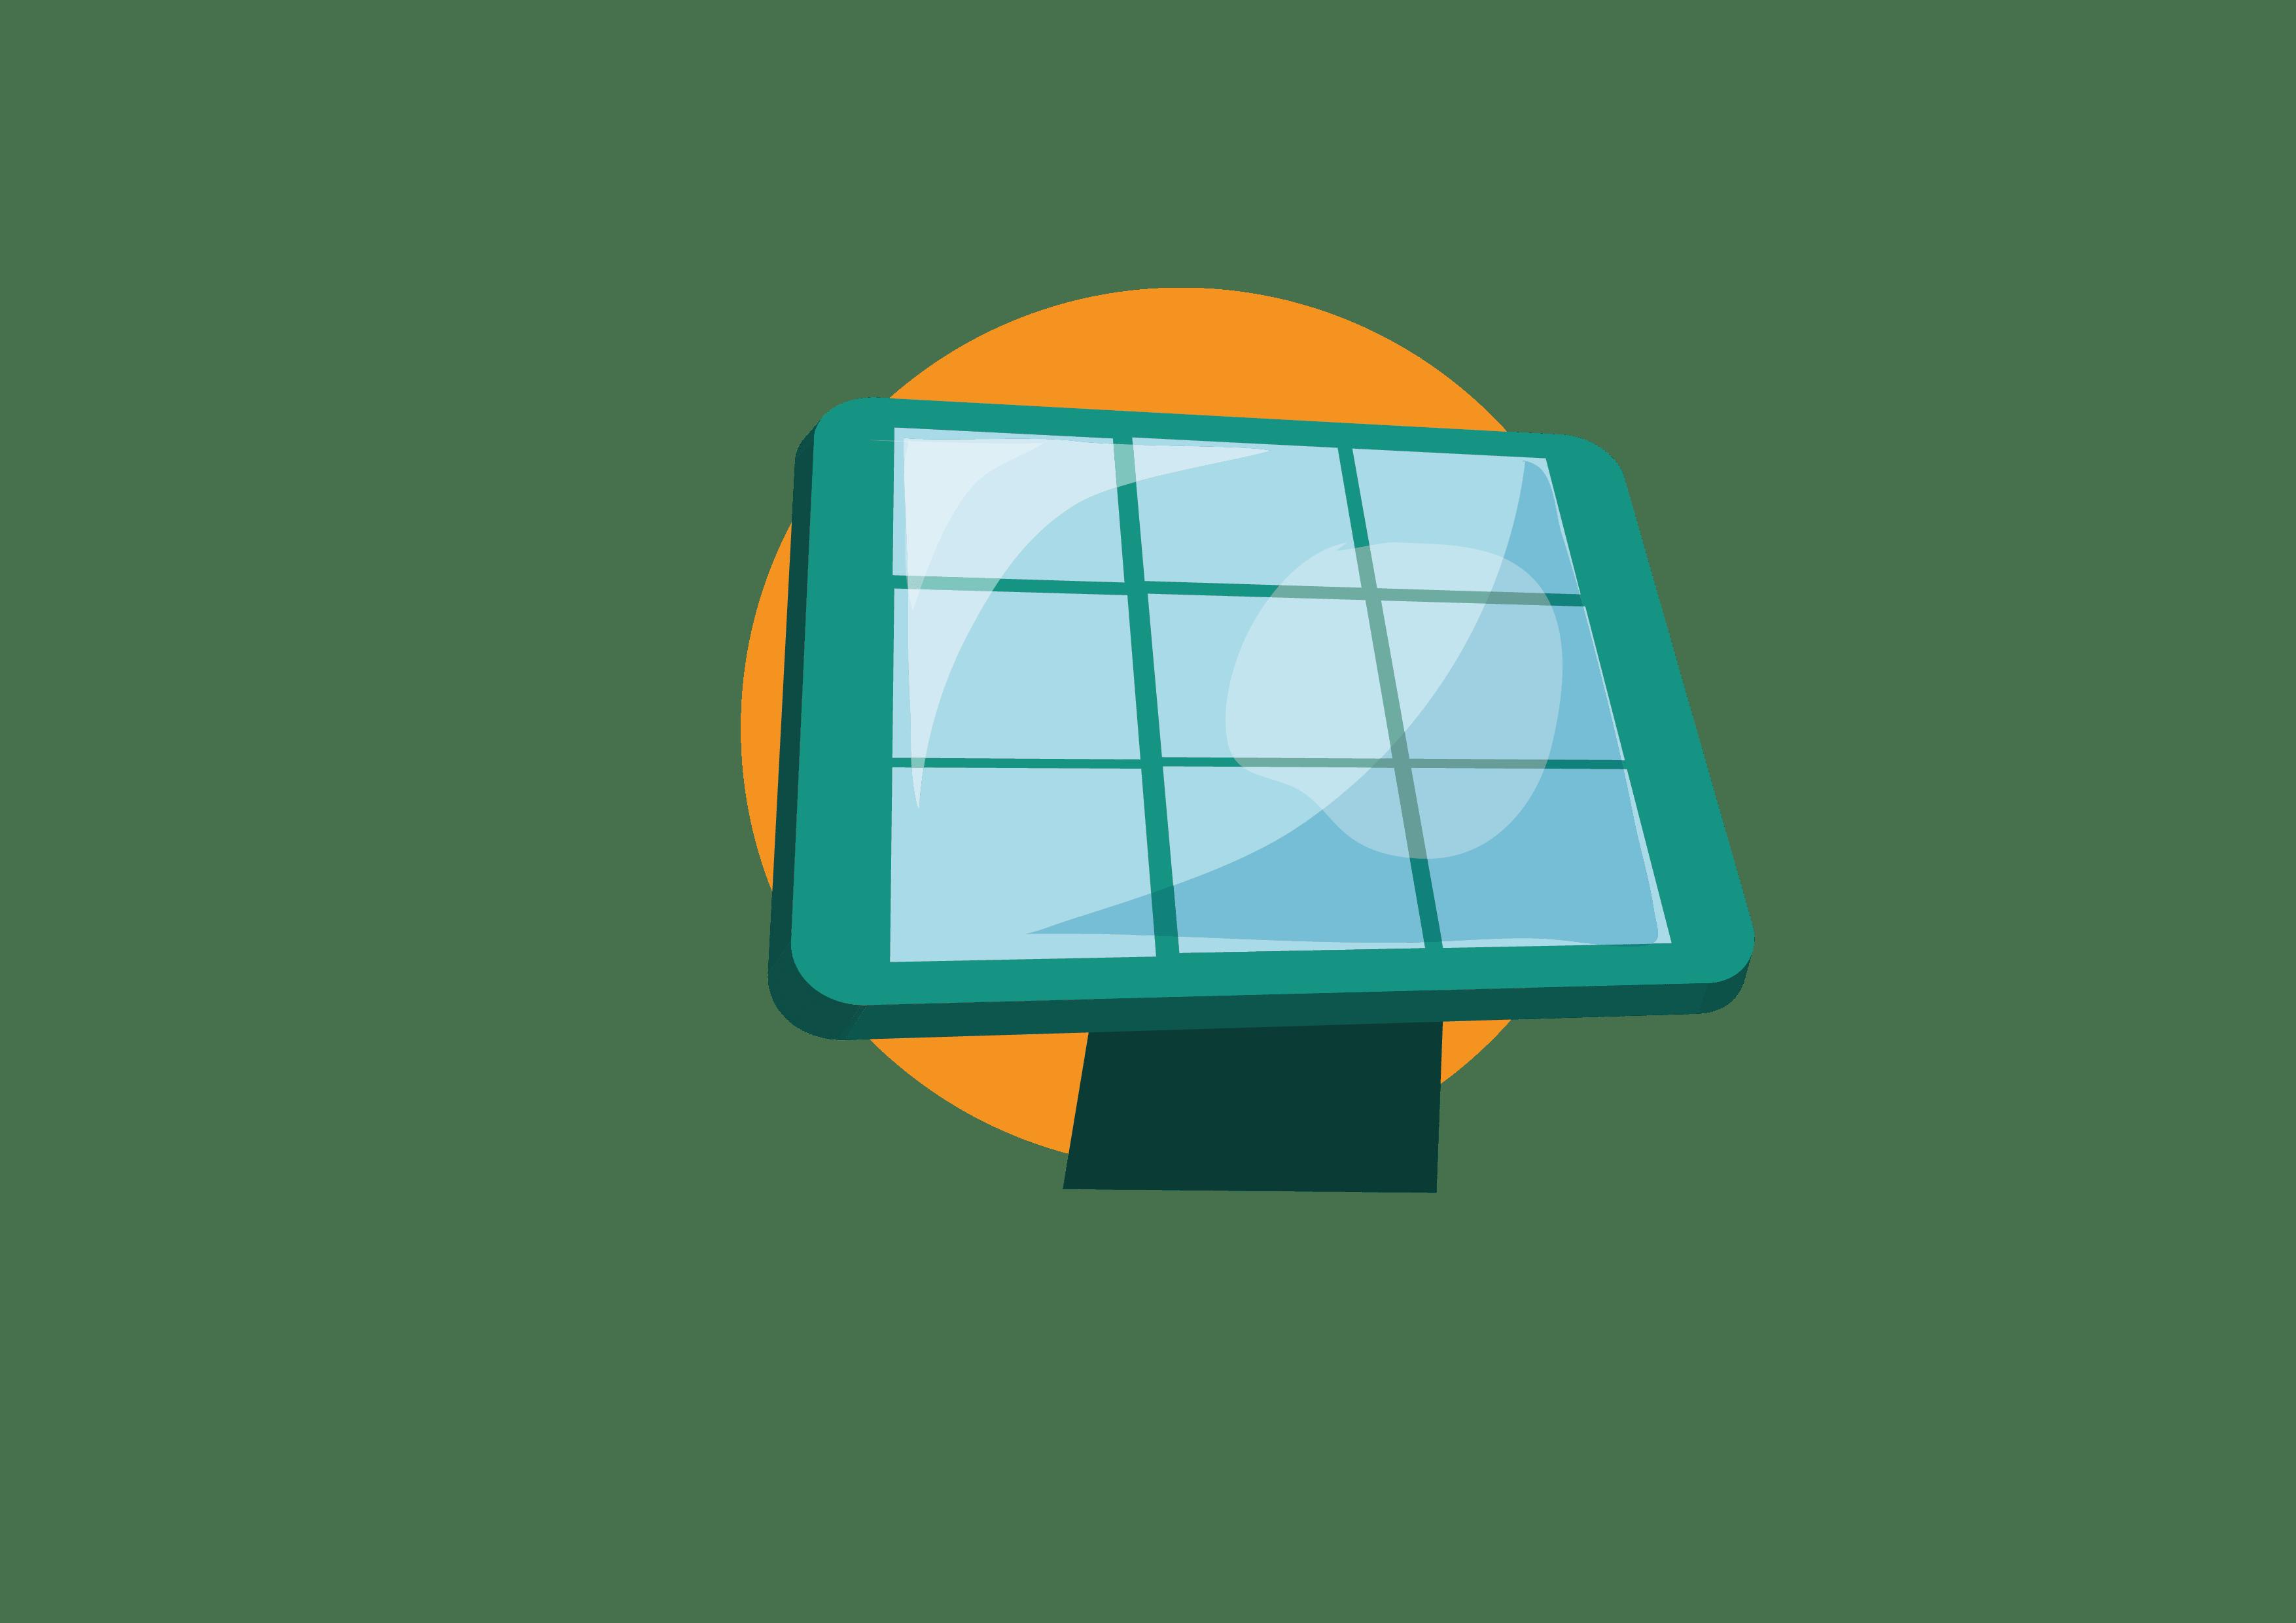 solarne-celice